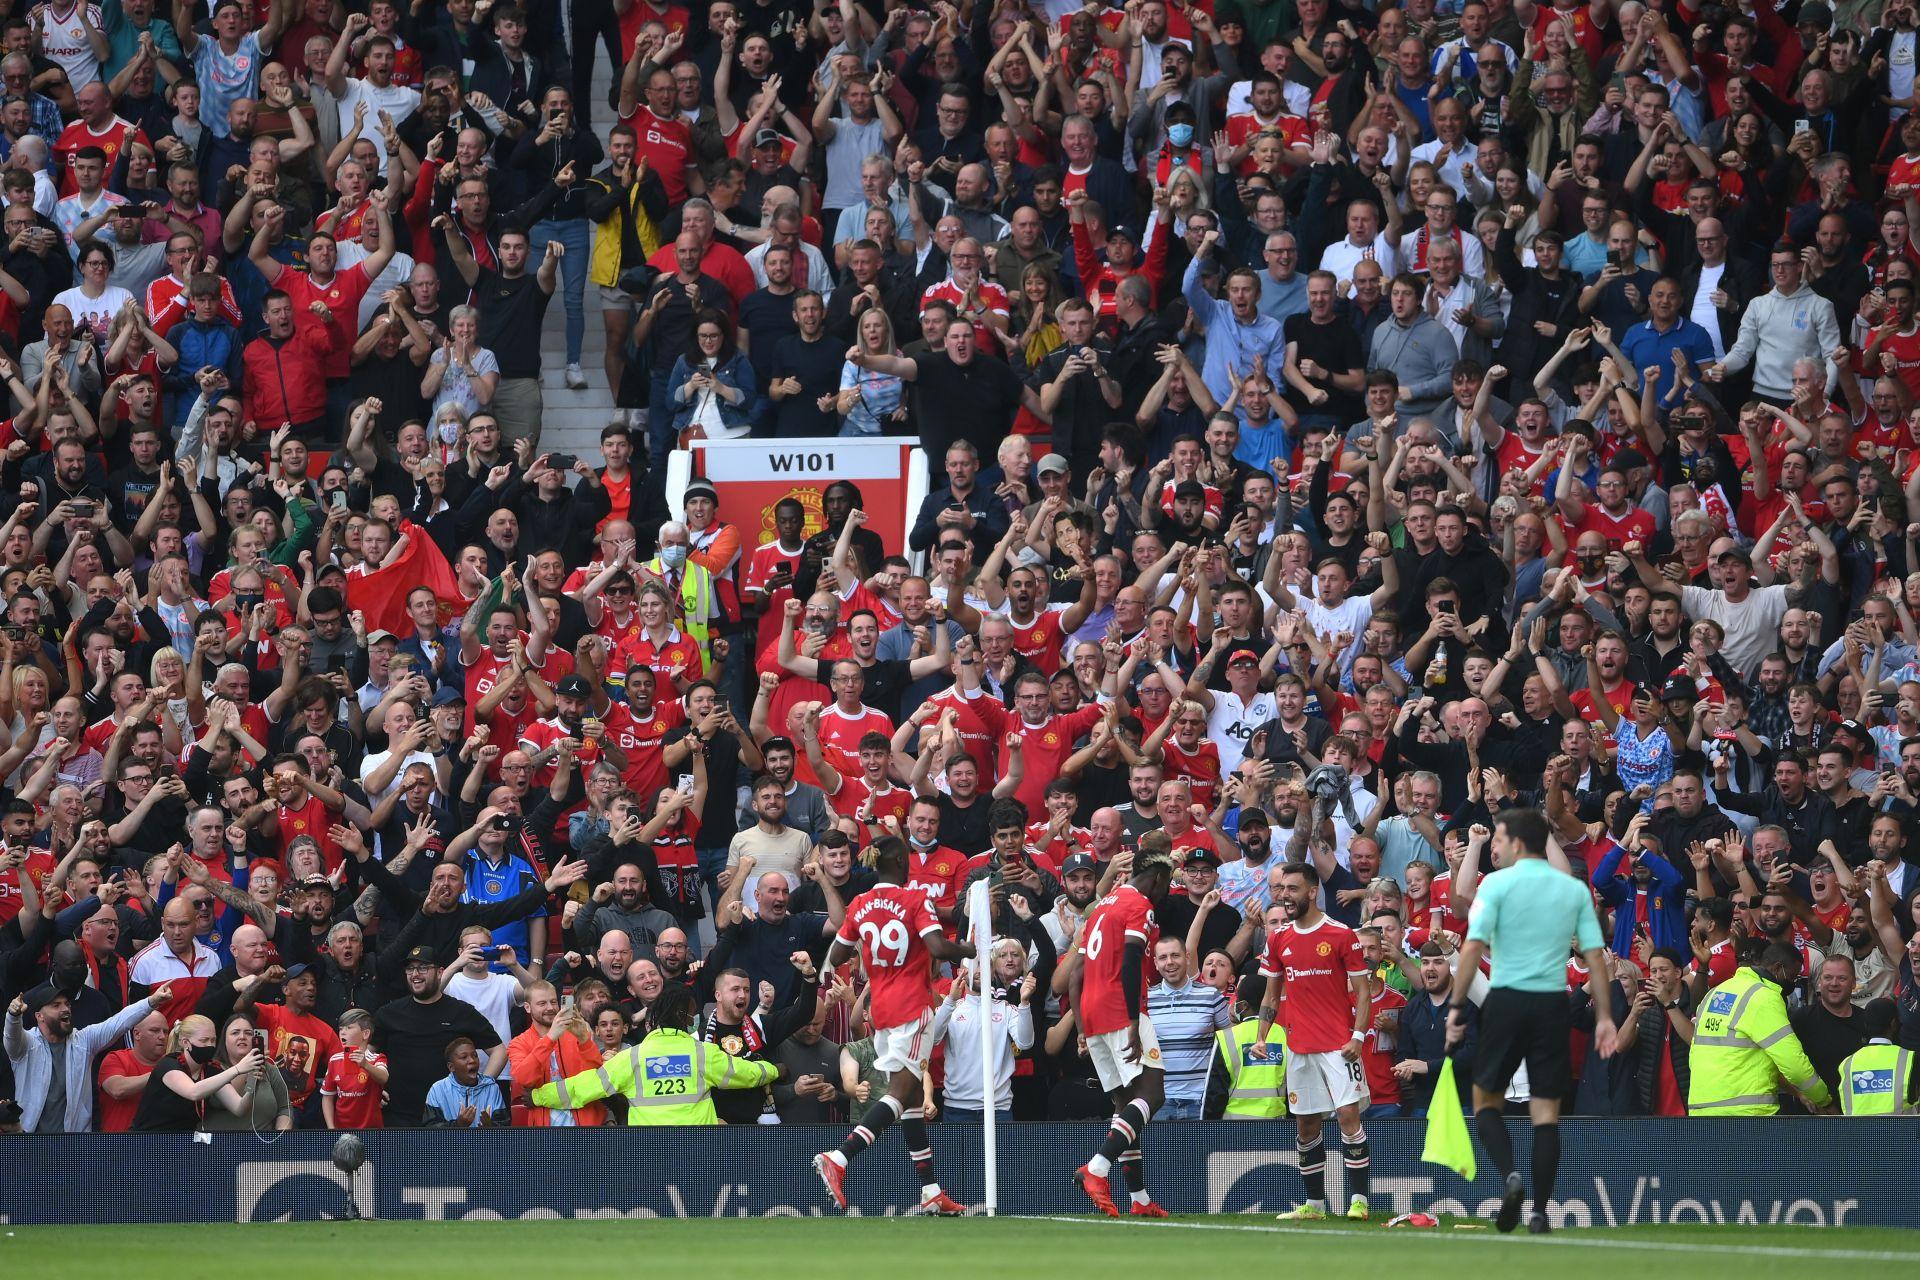 """Пълен стадион с фенове на """"Манчестър Юнайтед"""""""